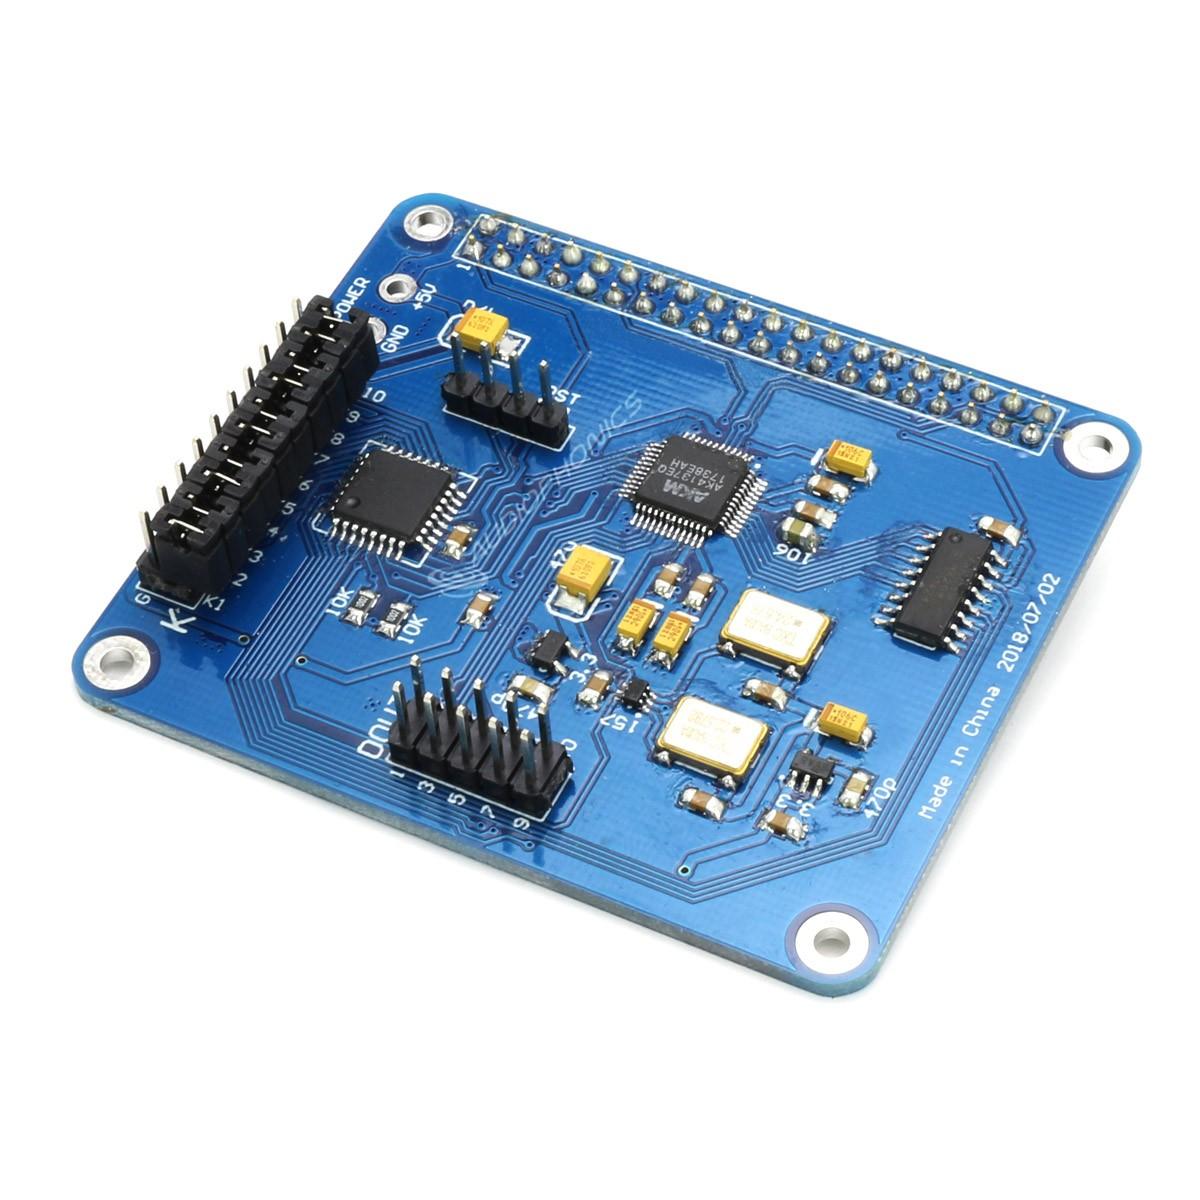 Digital Upsampling Interface SRC AK4137 I2S 32Bit / 384kHz DSD256 HAT for Rapberry Pi